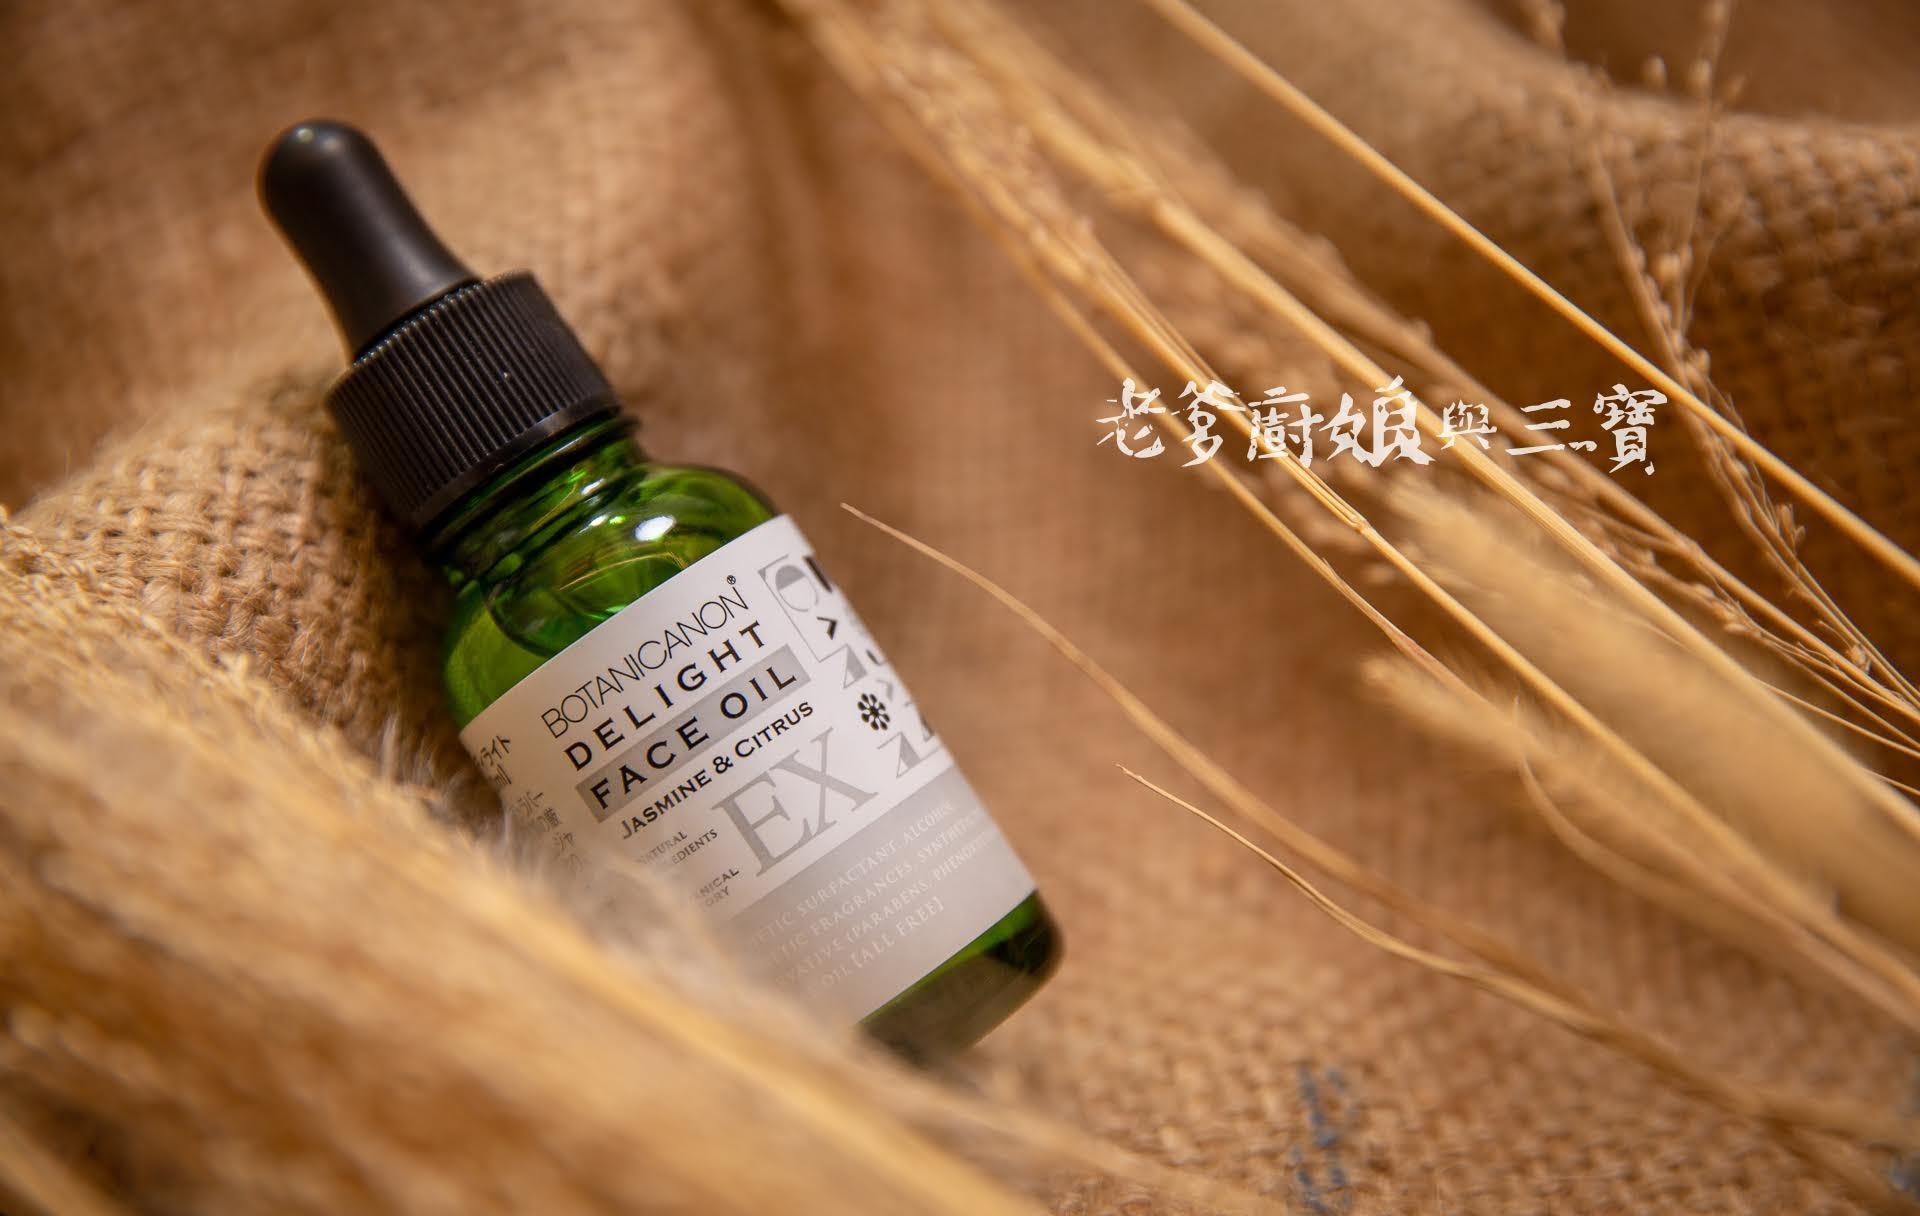 提取來自鹿兒島在地植物的天然保濕鎖水美容油...艾奈可Eneco植物卡農歡欣美容油